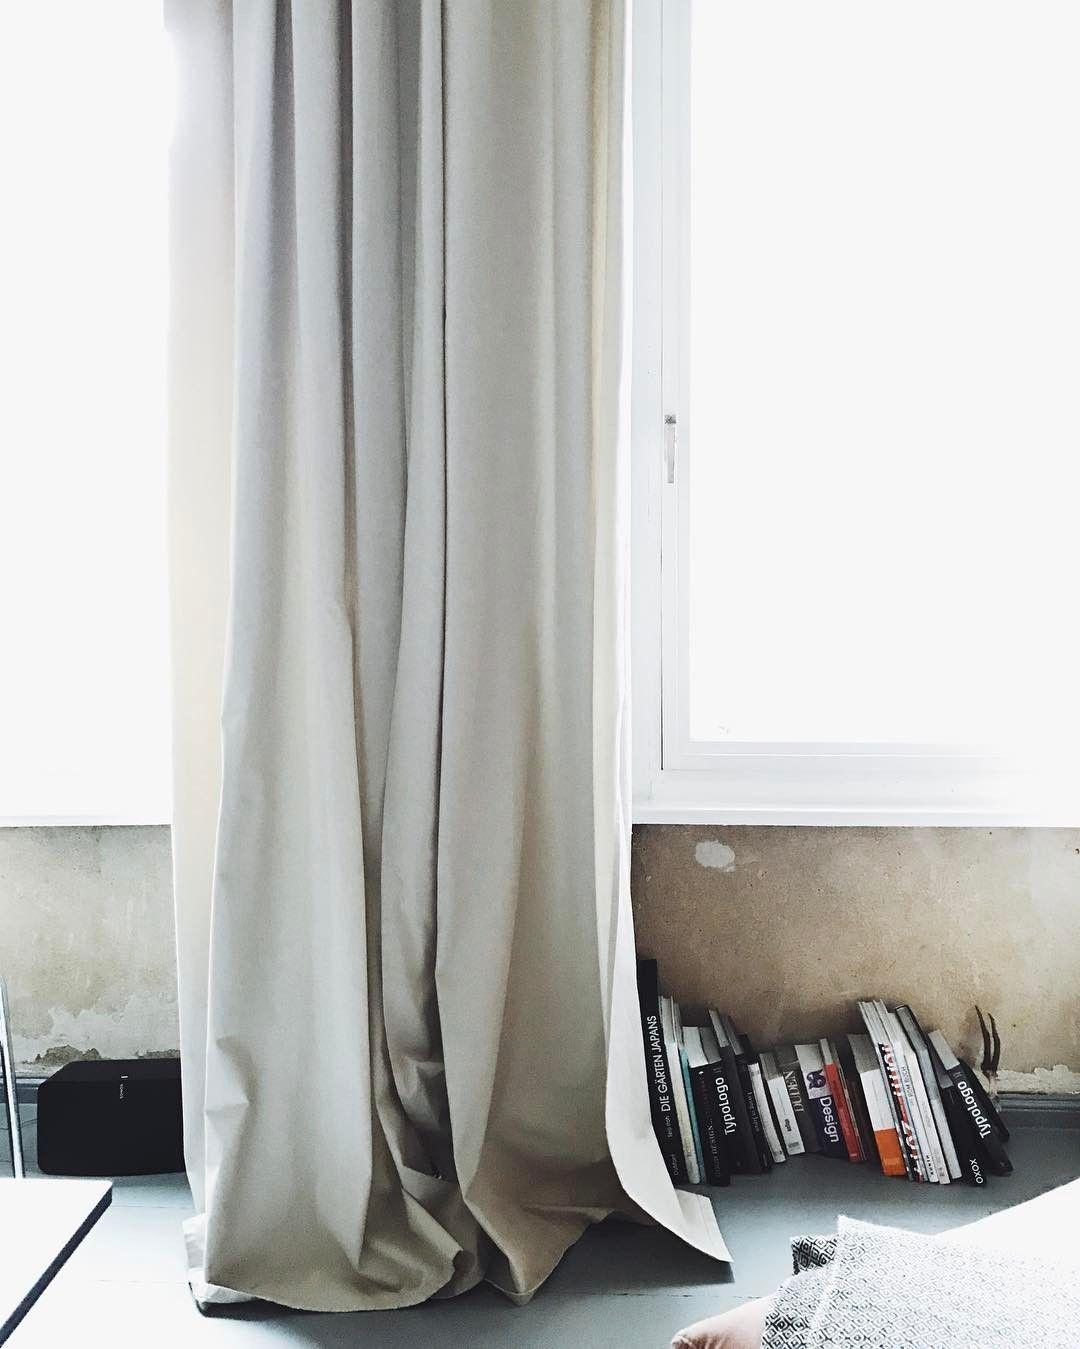 Jules Villbrandt Herz Und Blut Instagram Fotos Und Videos Basic Shower Curtain Home Home Decor